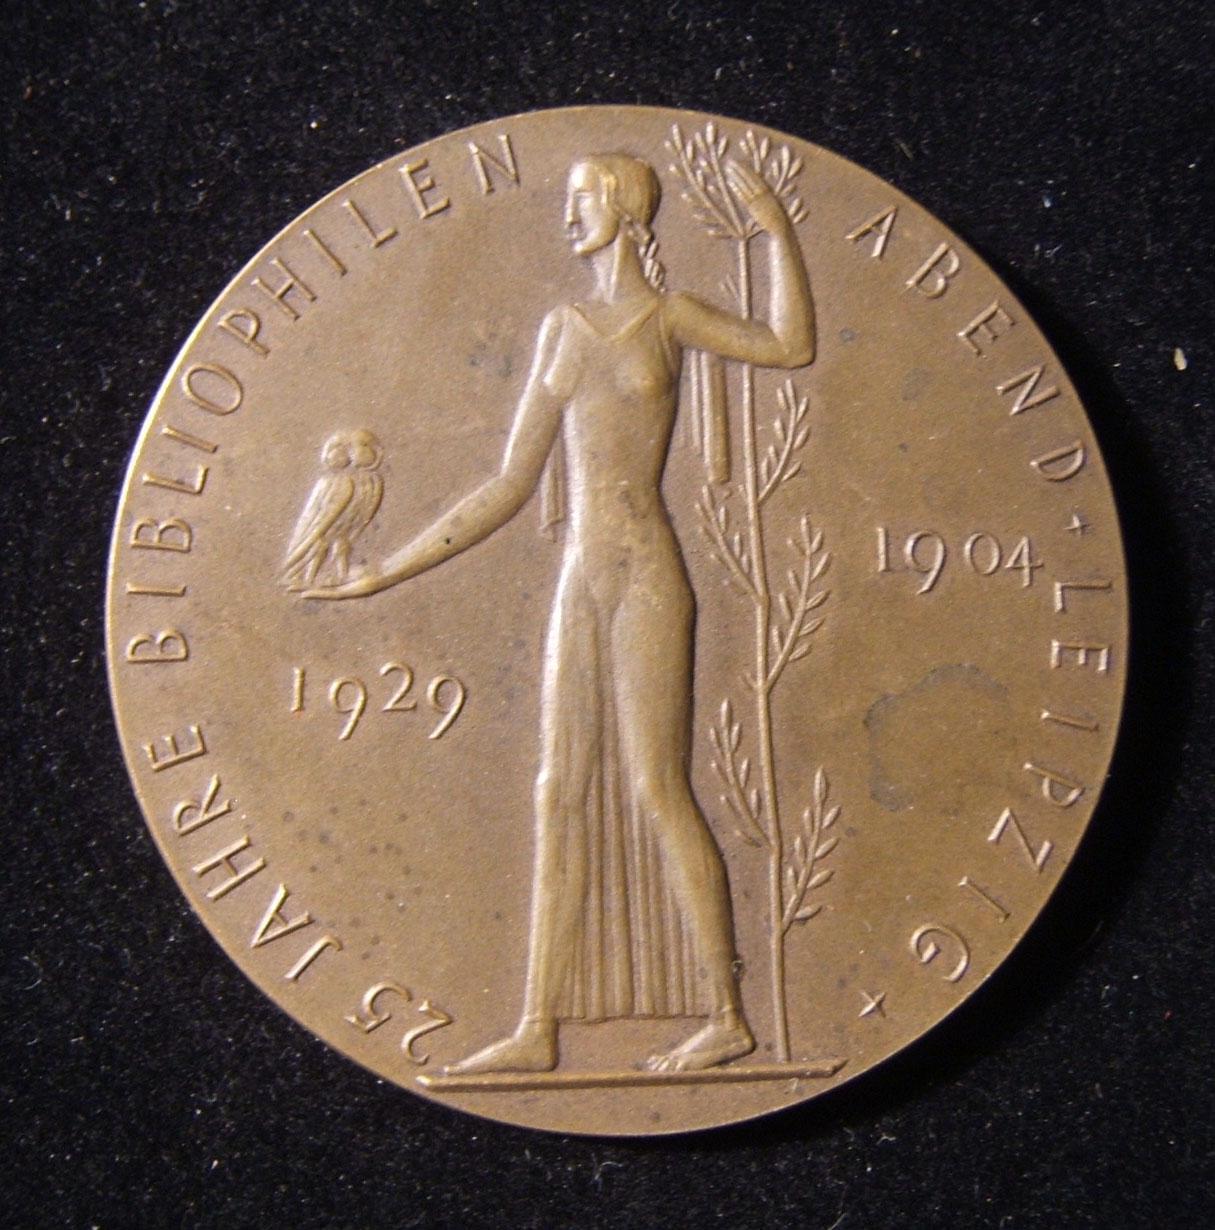 Deutschland: 25. Jahrestag Bibliophile Gedenkmedaille aus Bronze für Gustav Kirstein, 1929, von Bruno Eyermann; Größe: 50,5 mm; Gewicht: 51,4 g. Vorderseite: Frau hält Eule; Deutsc